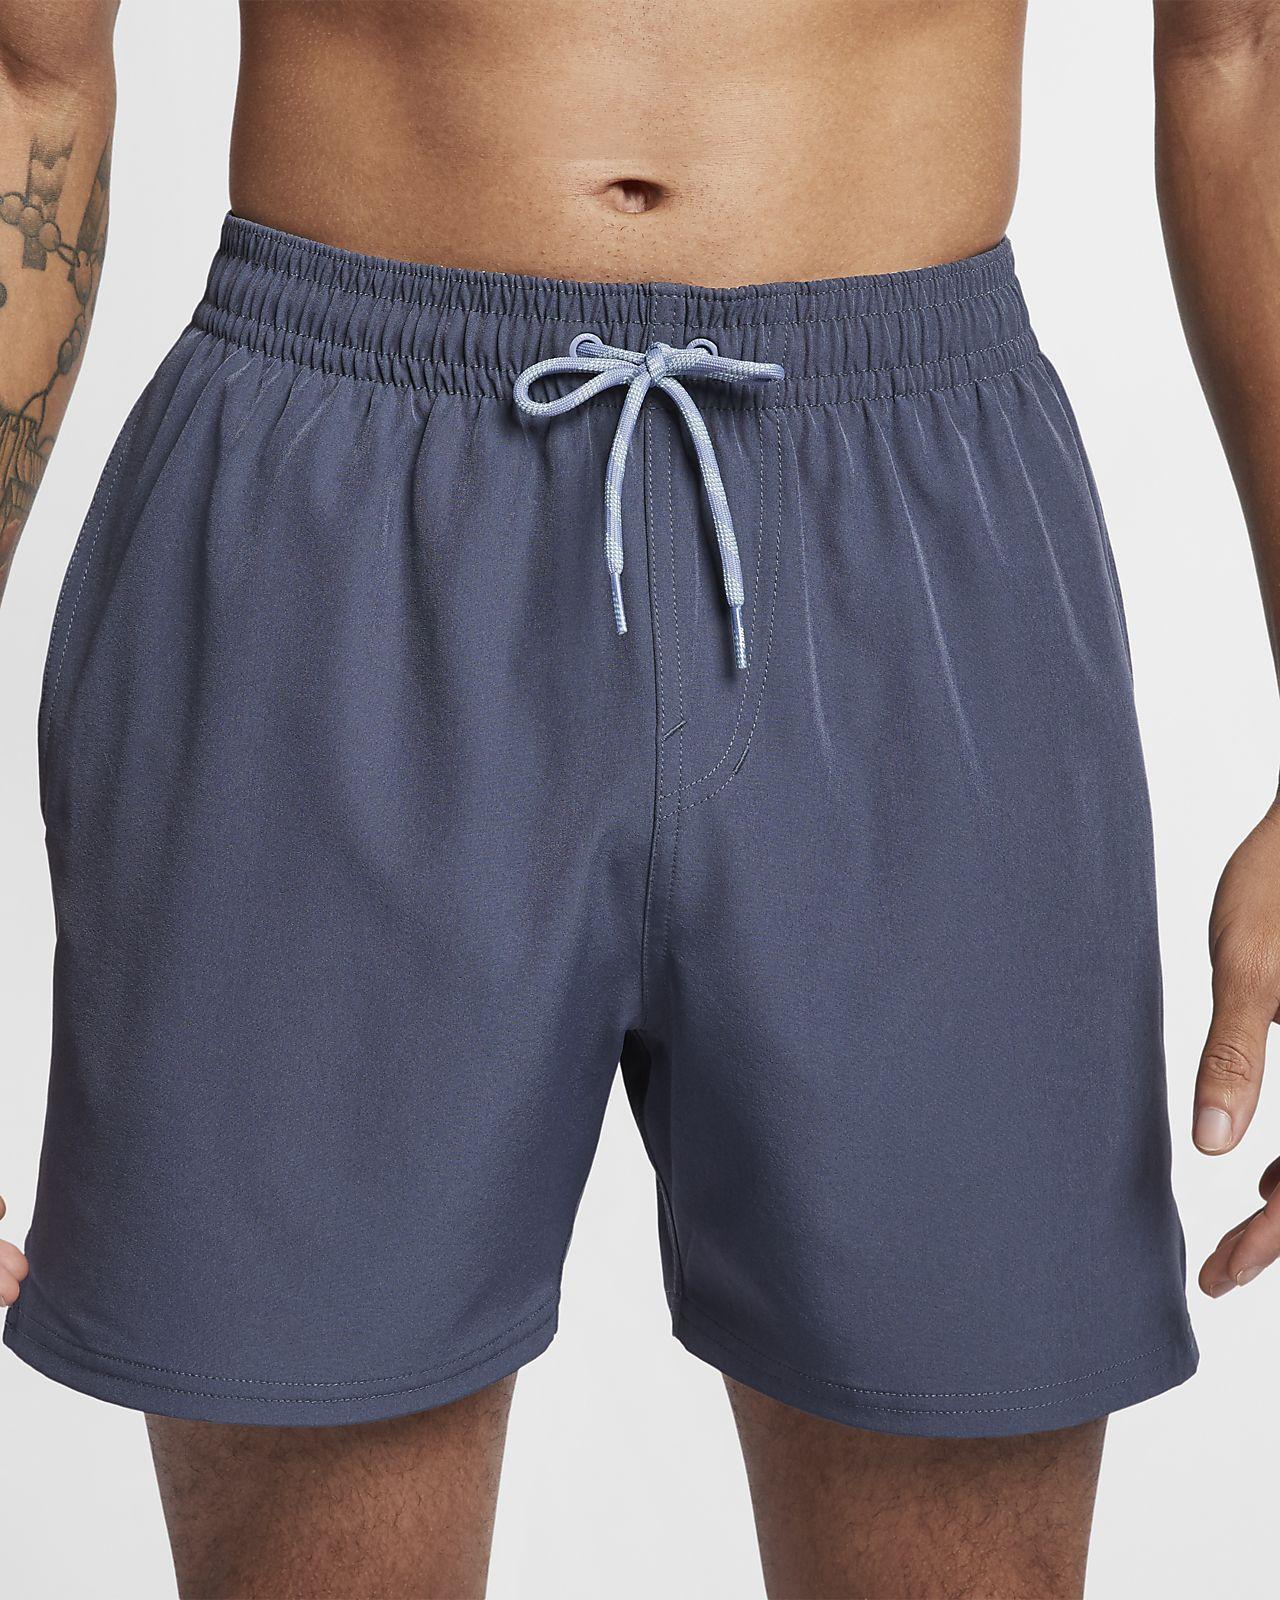 Zwembroek Short Heren.Nike Swim Retro Stripe Lap Zwembroek Voor Heren 13 Cm Nike Com Nl